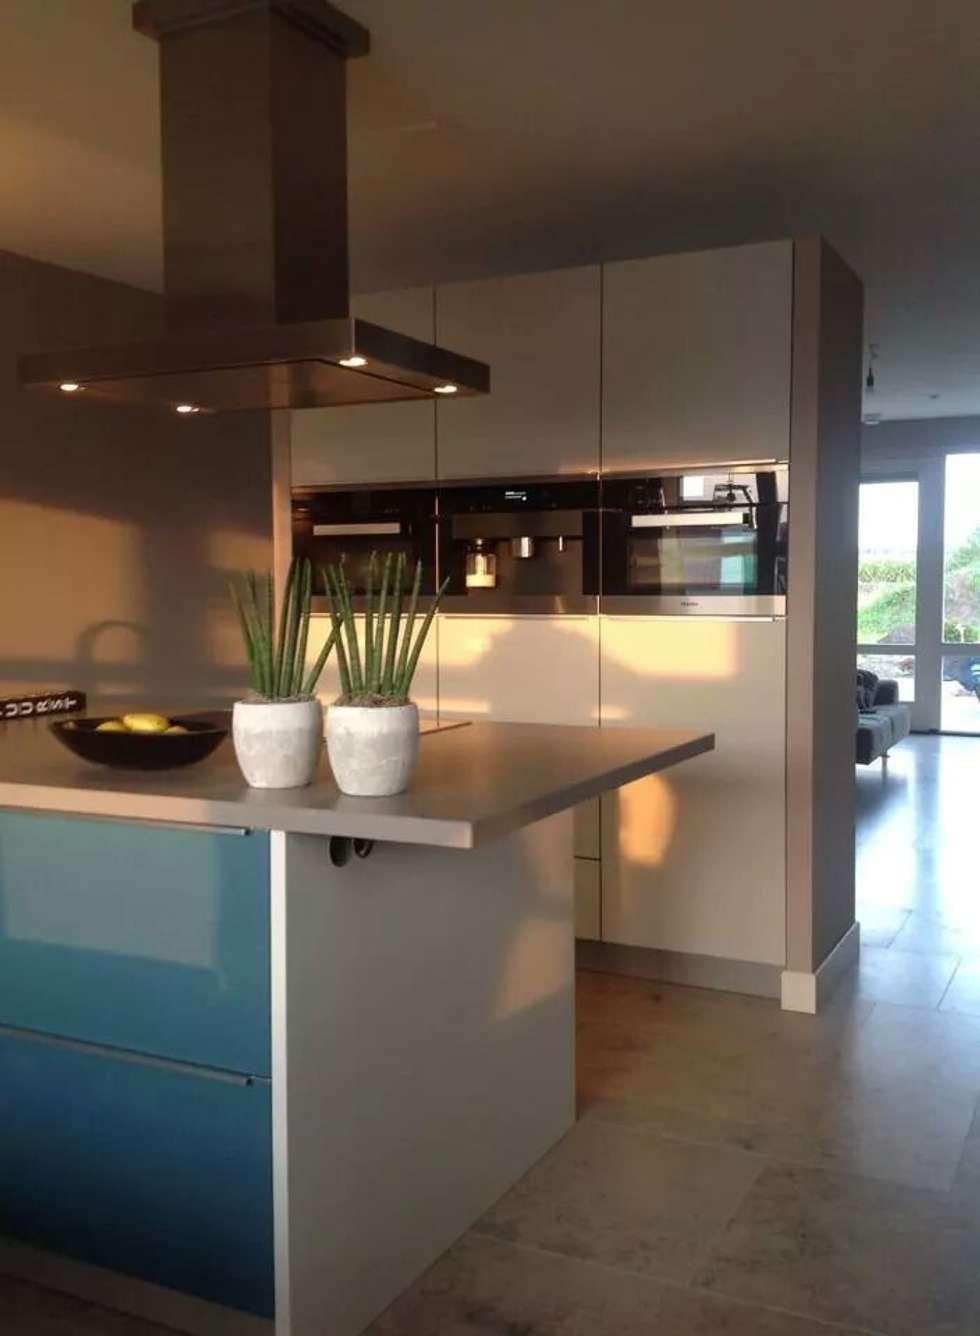 Modern kookeiland ijsblauw: moderne Keuken door Tinnemans Keukens